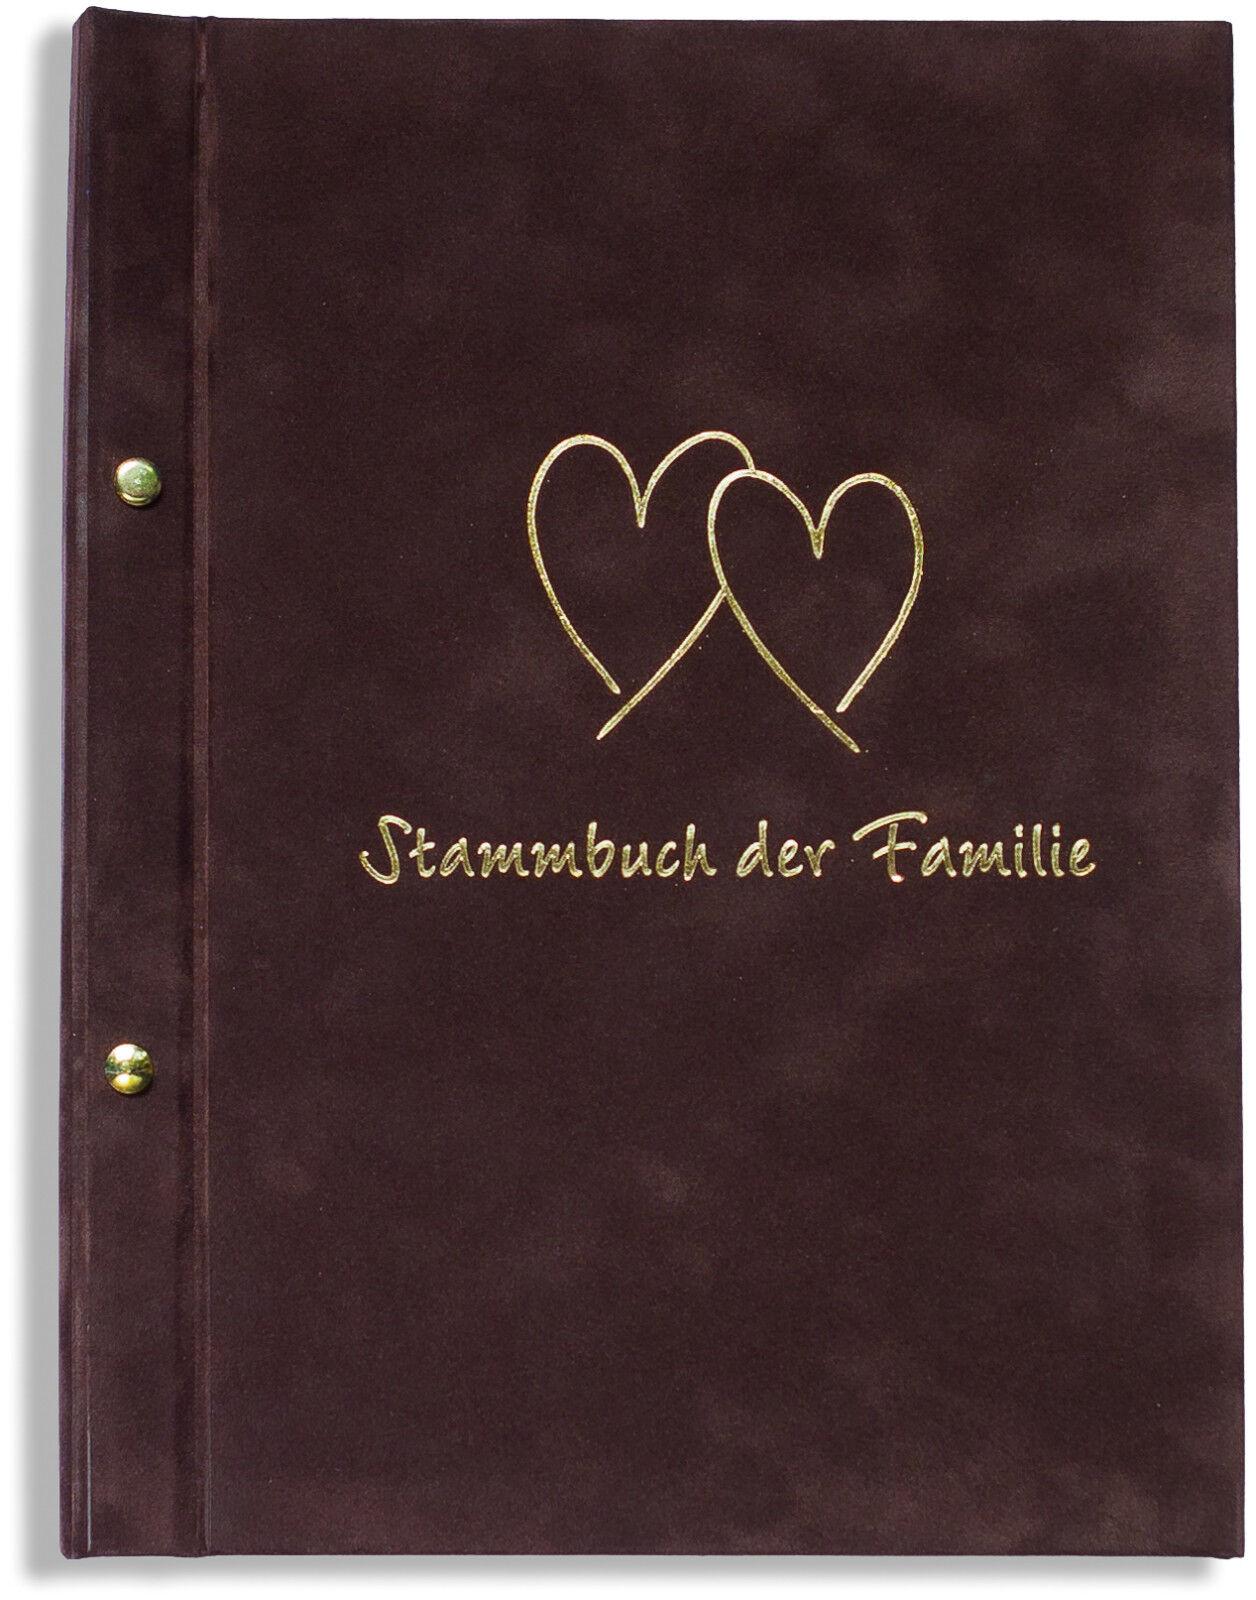 A4 Stammbuch der Familie -Grandos-, braun, Familienstammbuch, Familienstammbuch, Familienstammbuch, Stammbücher Din A4 | Günstigstes  | Export  | Guter Markt  75f934